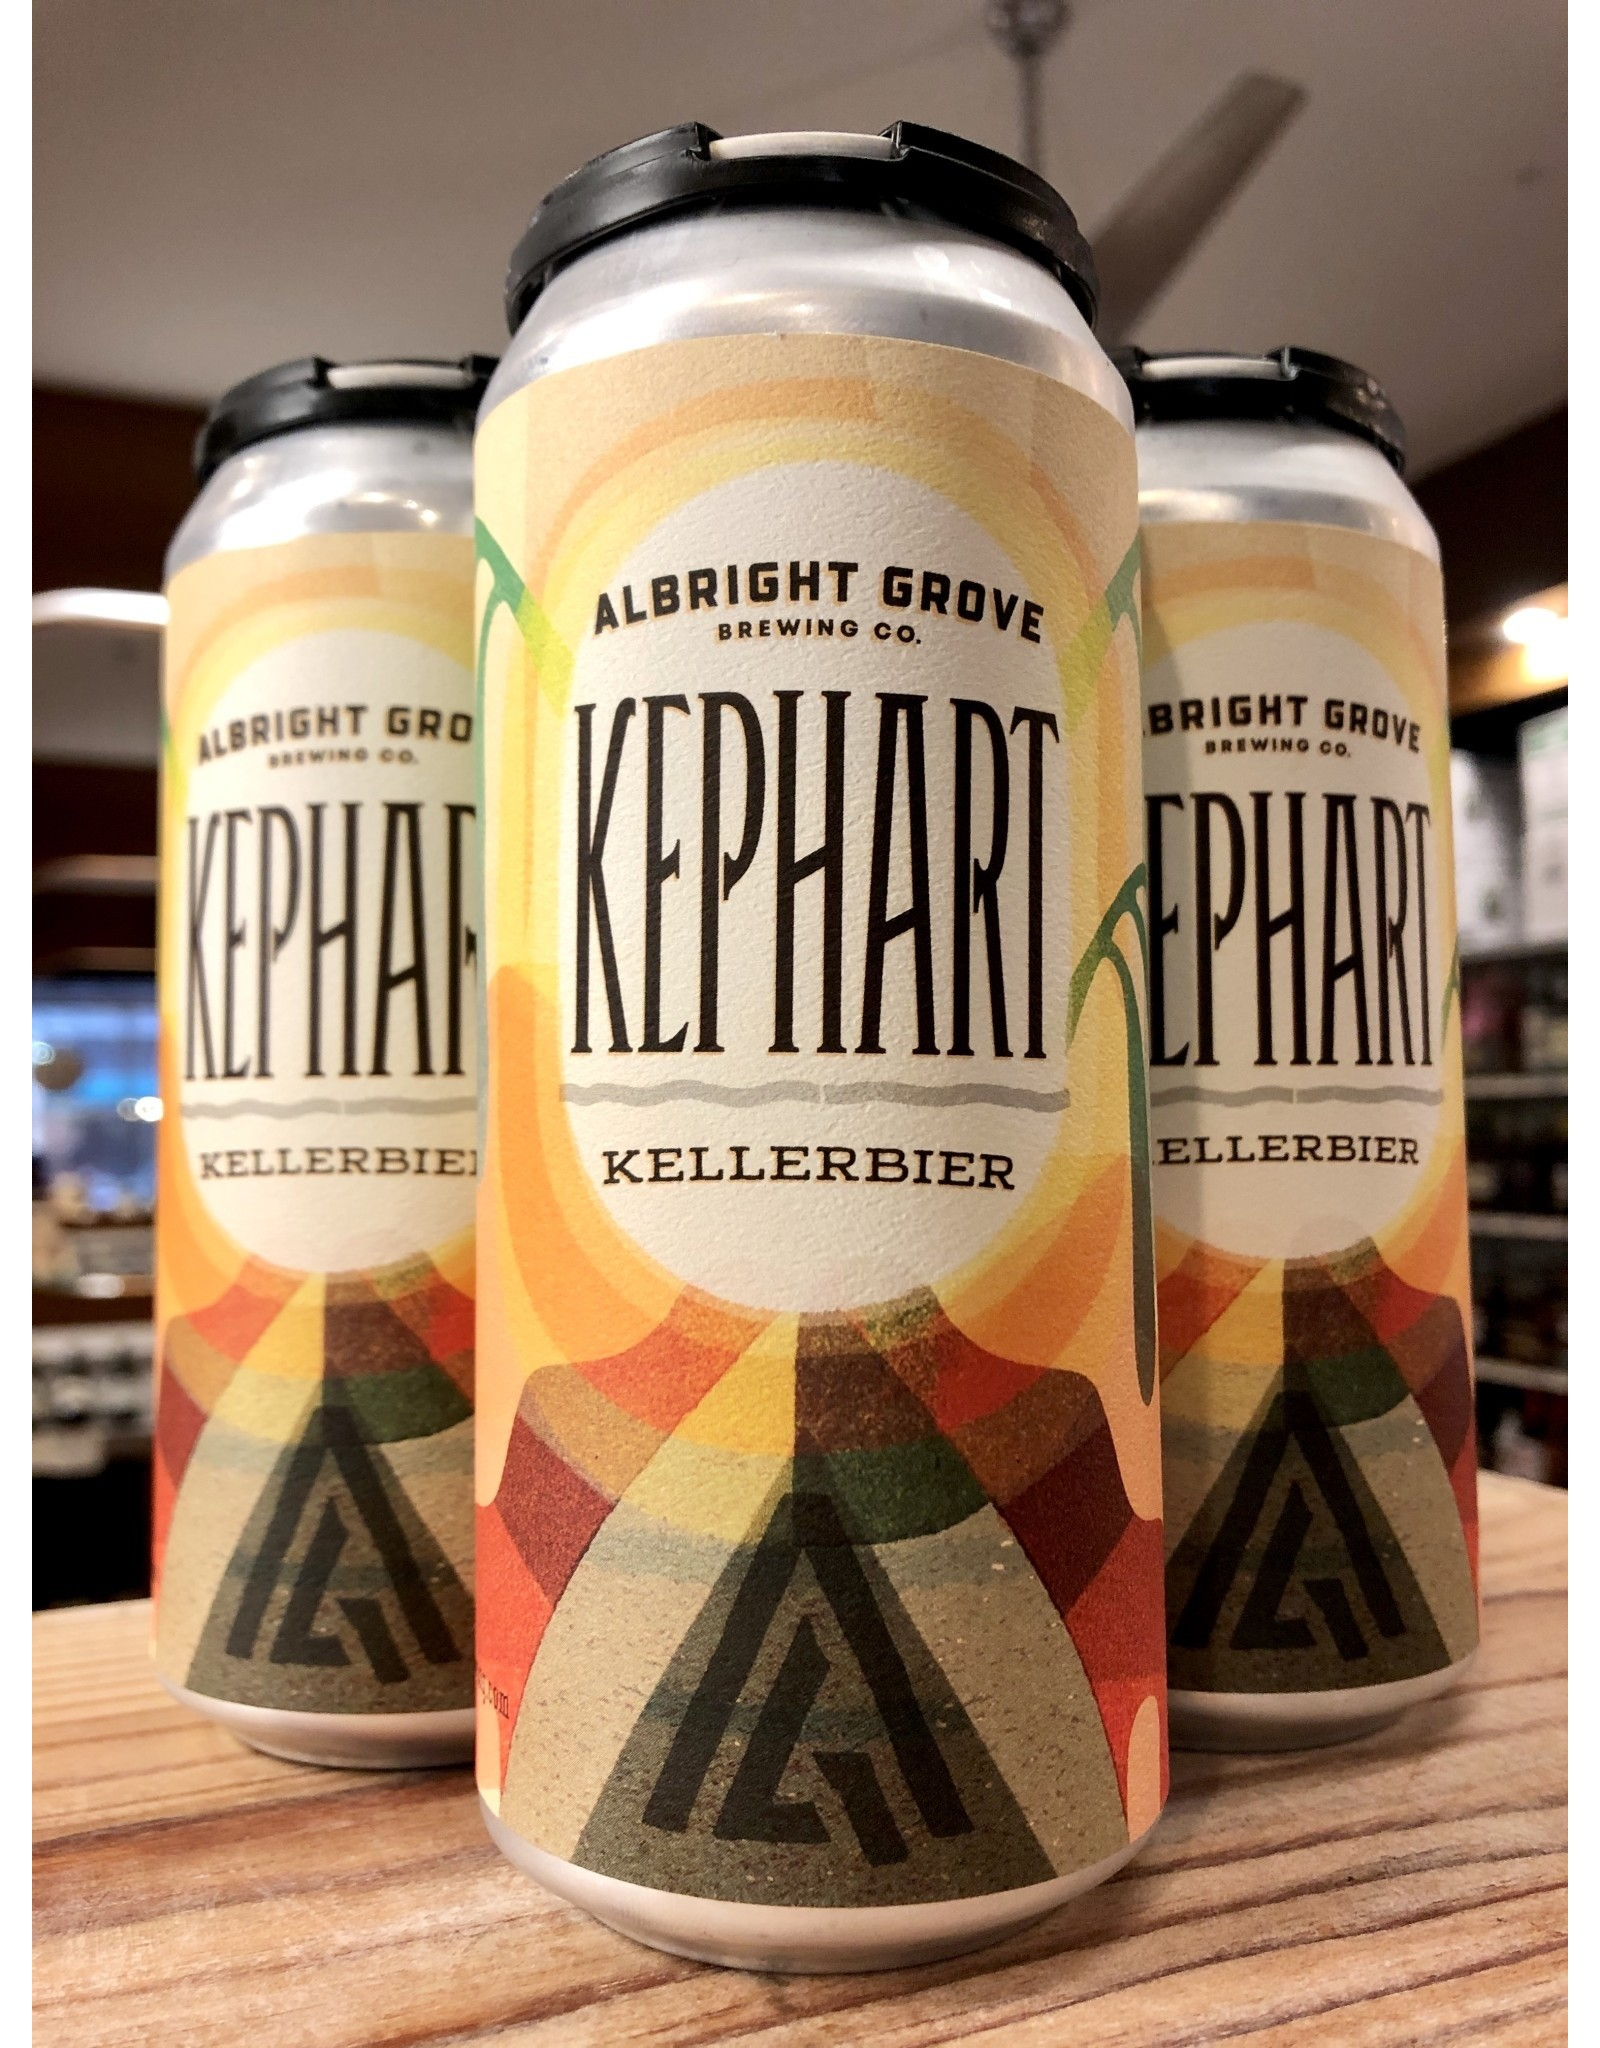 Albright Grove Kephart Kellerbier - 4x16 oz.